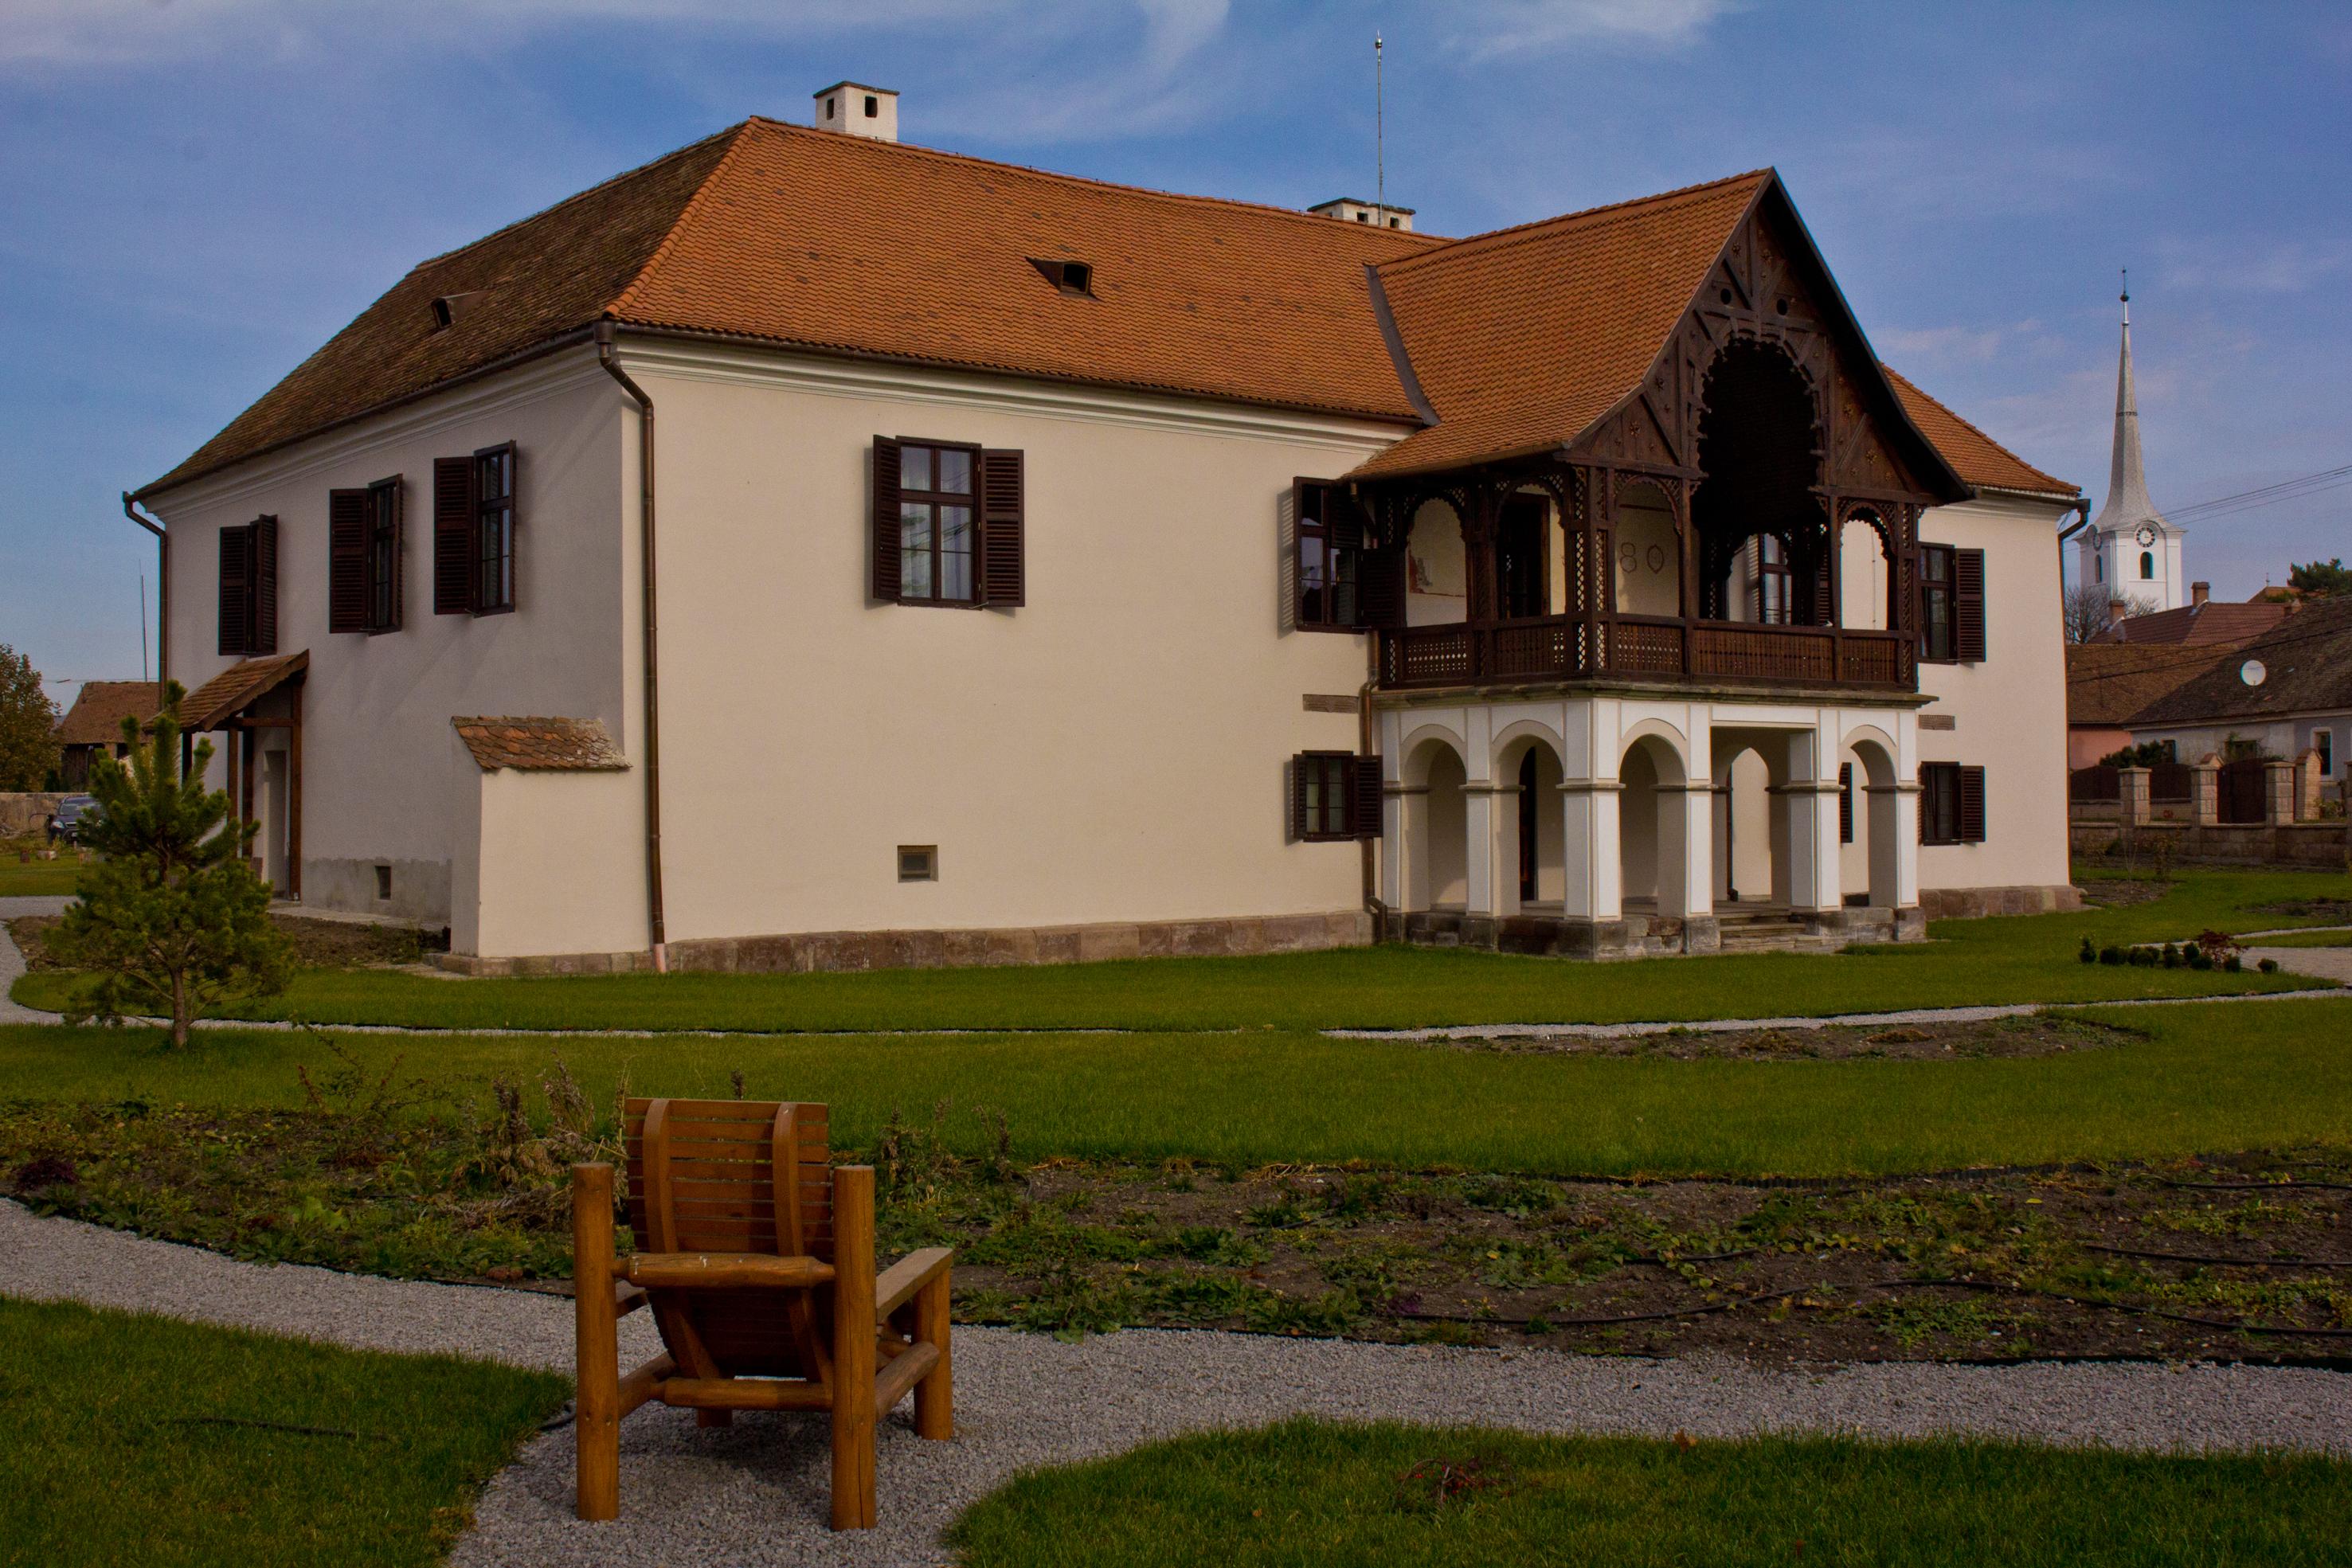 Castelul-hotel din Tălișoara